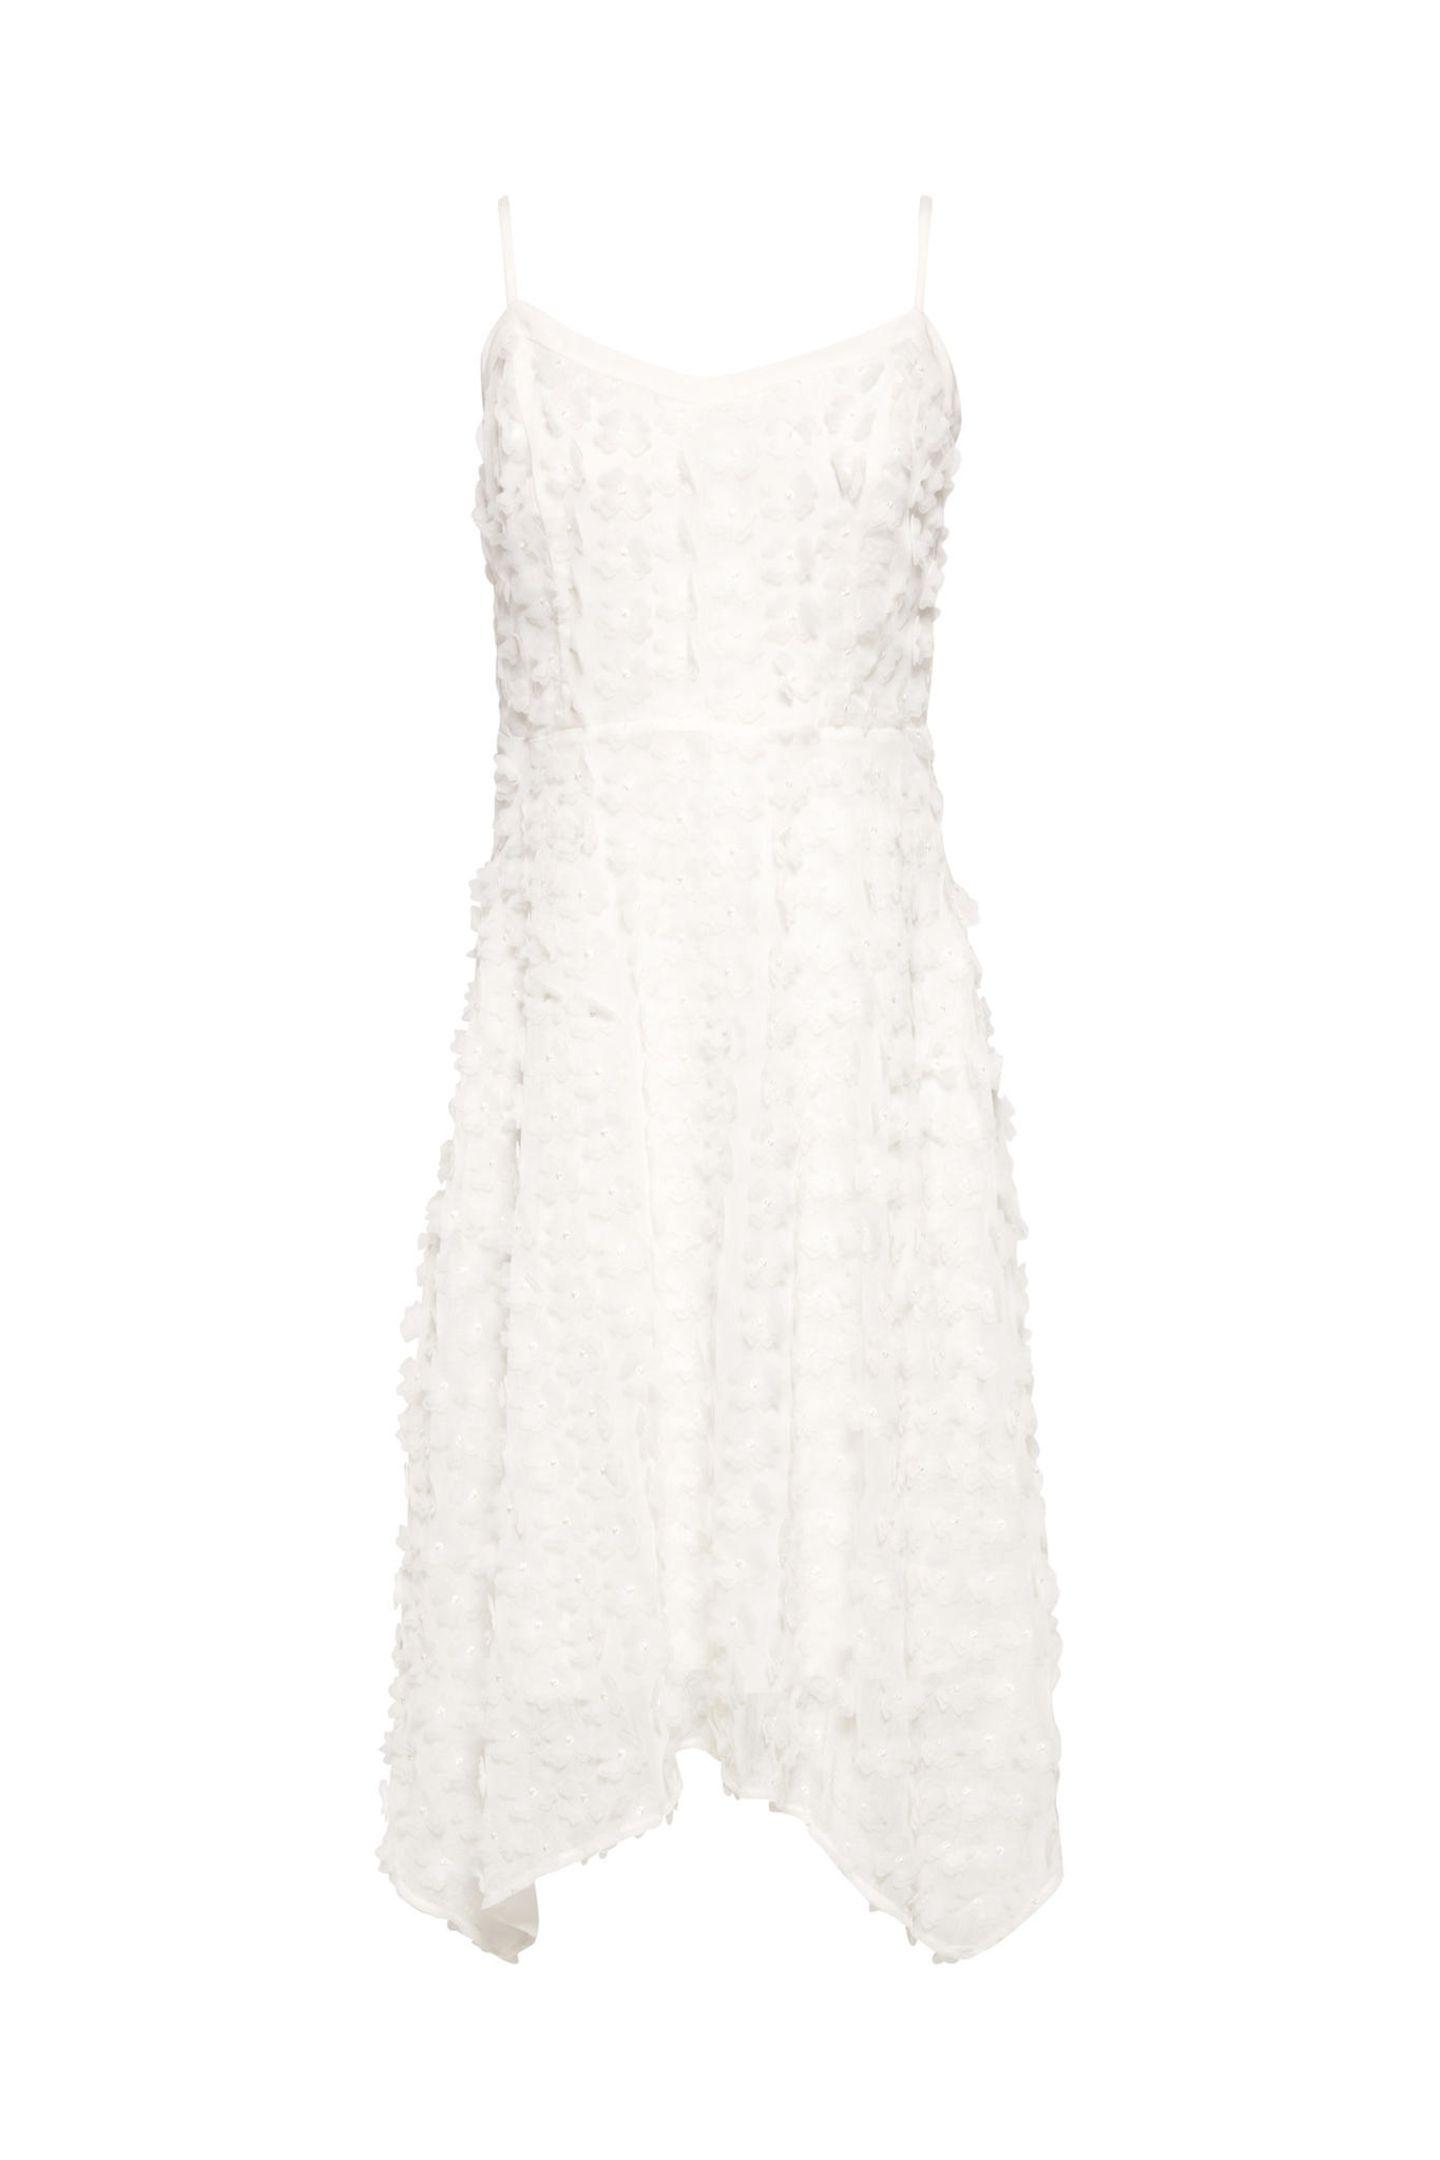 Mode: Hochzeitskleider kann man schon für unter 18 Euro kaufen